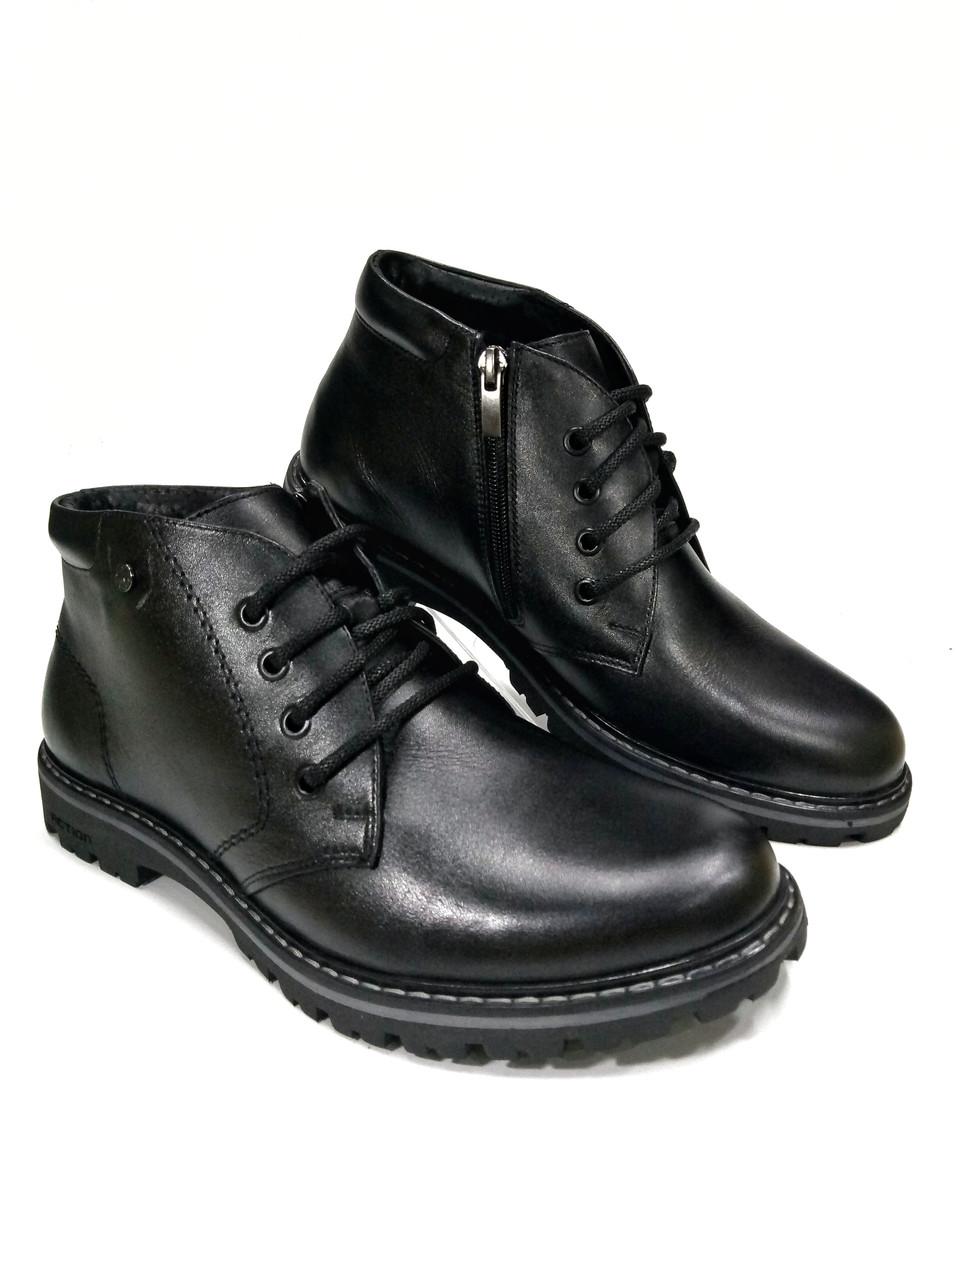 Класические мужские ботинки  МИДА 14182 из натуральной кожи